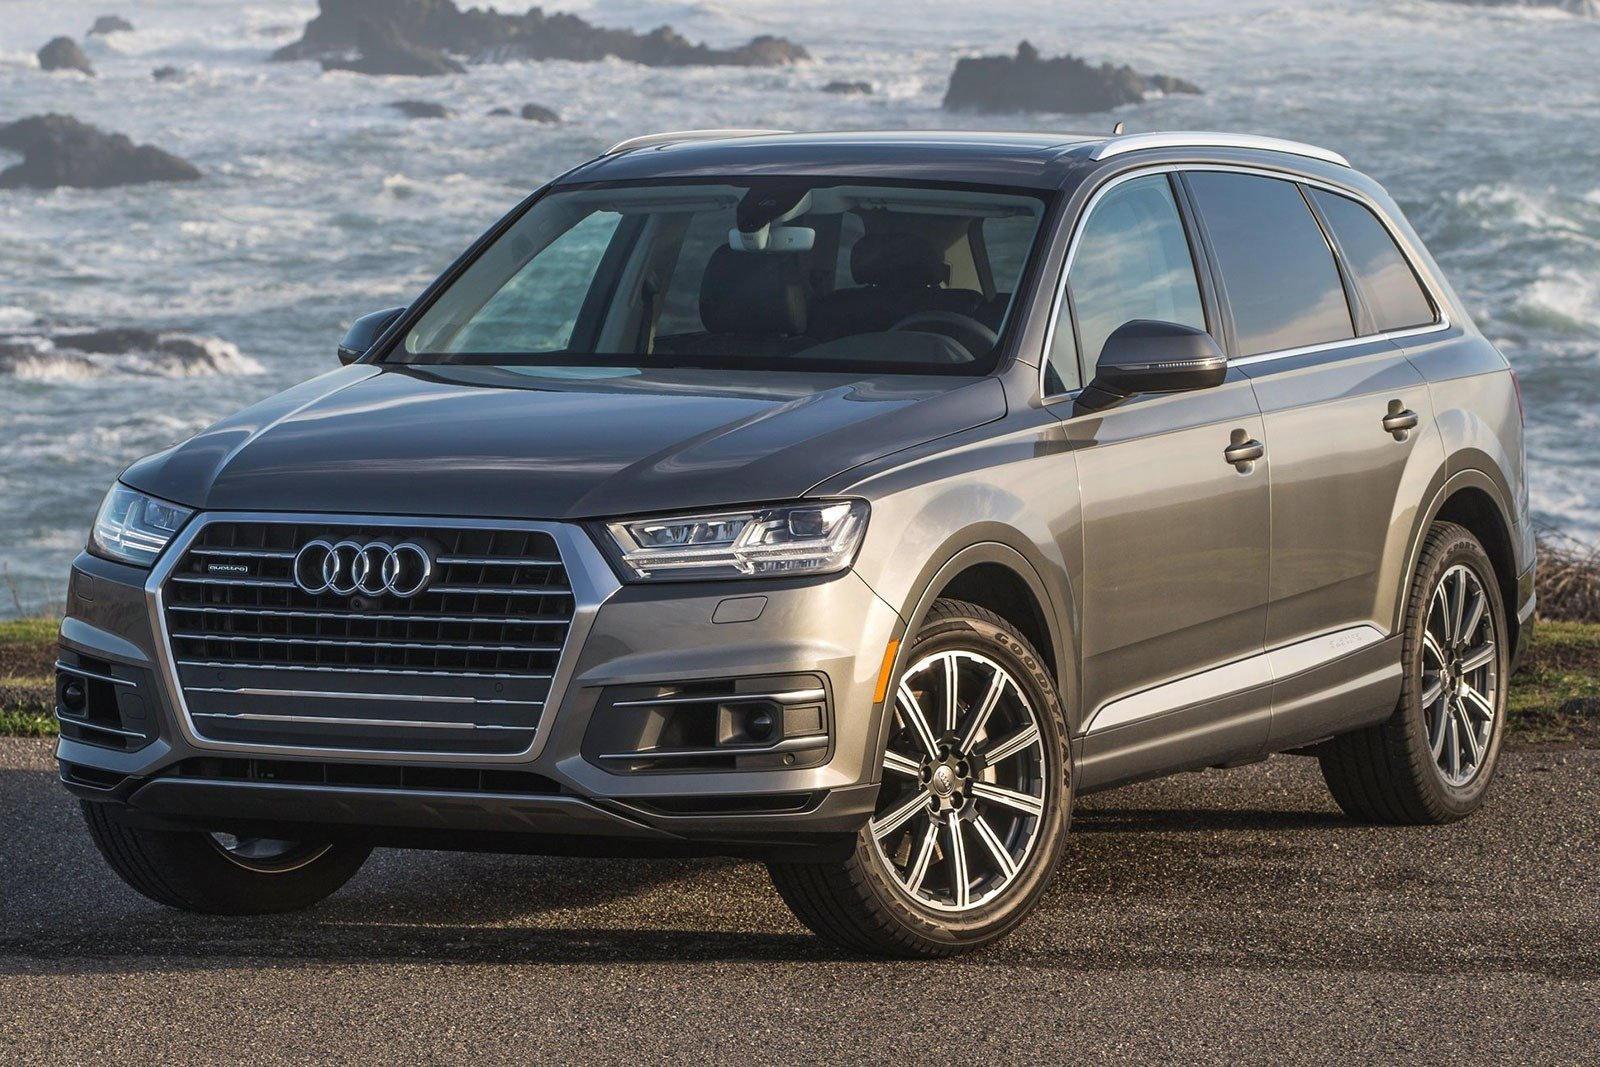 Audi Q Review Trims Specs And Price CarBuzz - Audi q7 car price